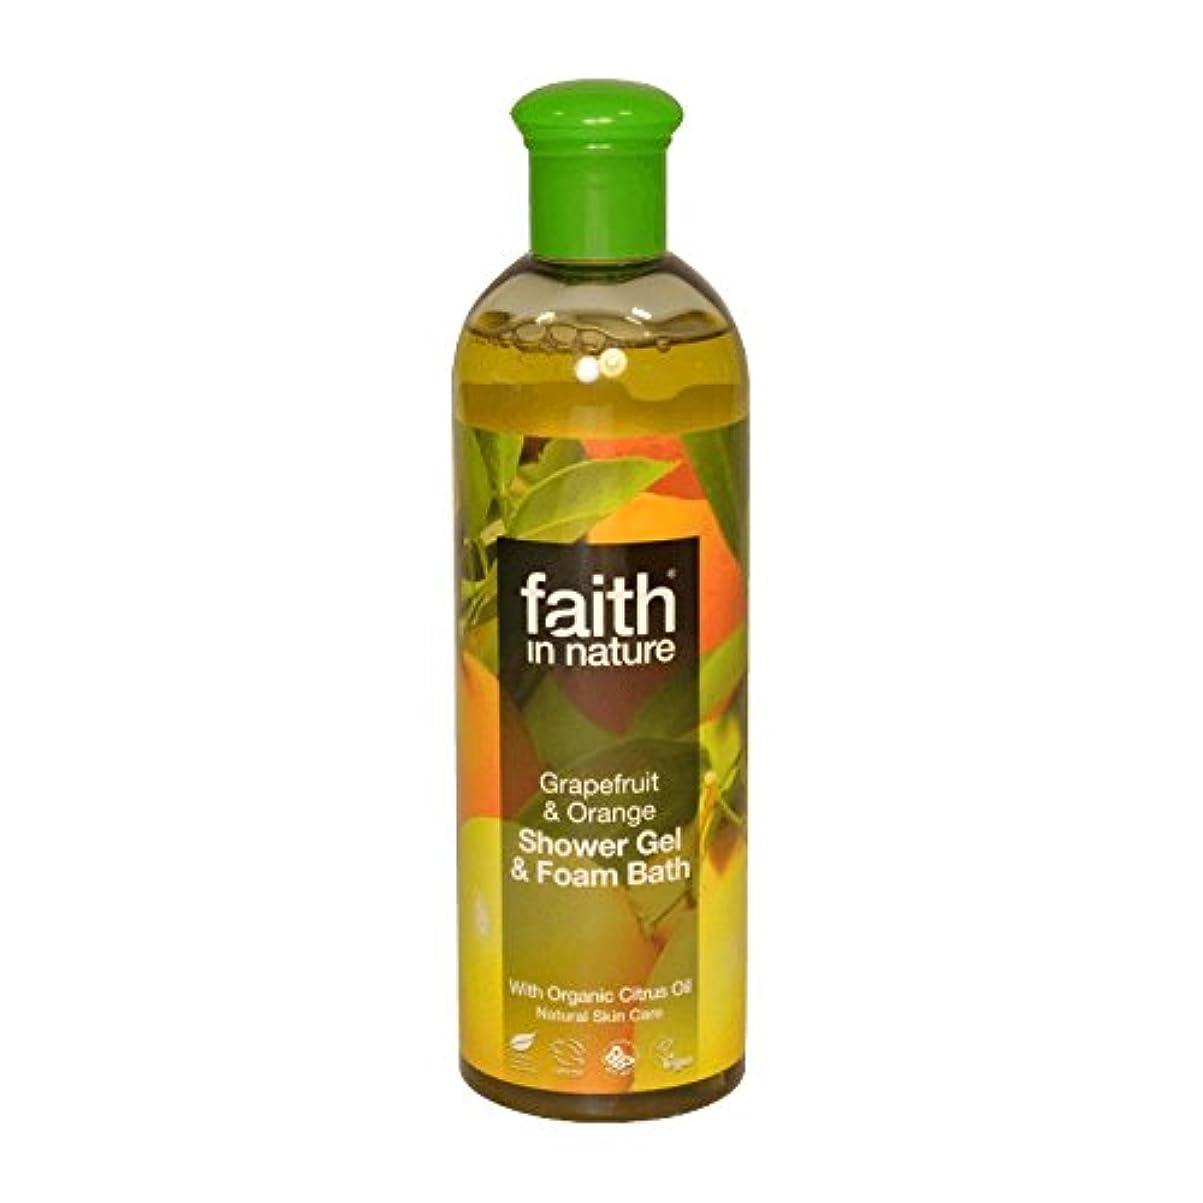 十分ですうっかりキャンバス自然グレープフルーツ&オレンジシャワージェル&バス泡400ミリリットルの信仰 - Faith in Nature Grapefruit & Orange Shower Gel & Bath Foam 400ml (Faith...